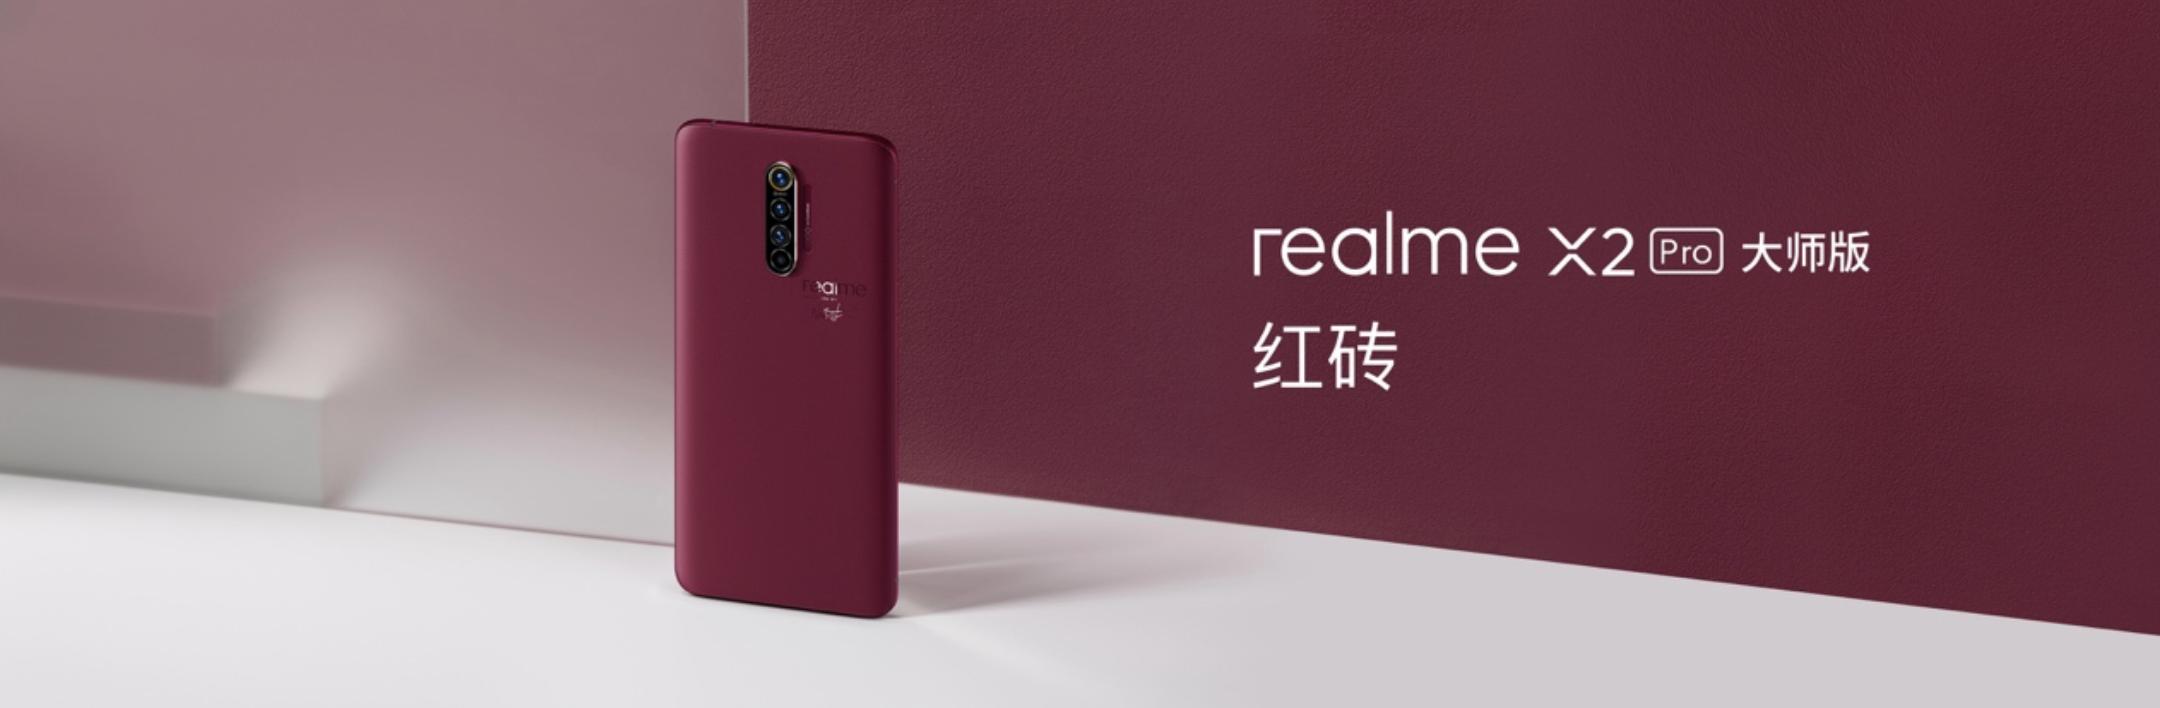 原创             Realme出旗舰手机补齐产品矩阵 产品越级上探中高端市场